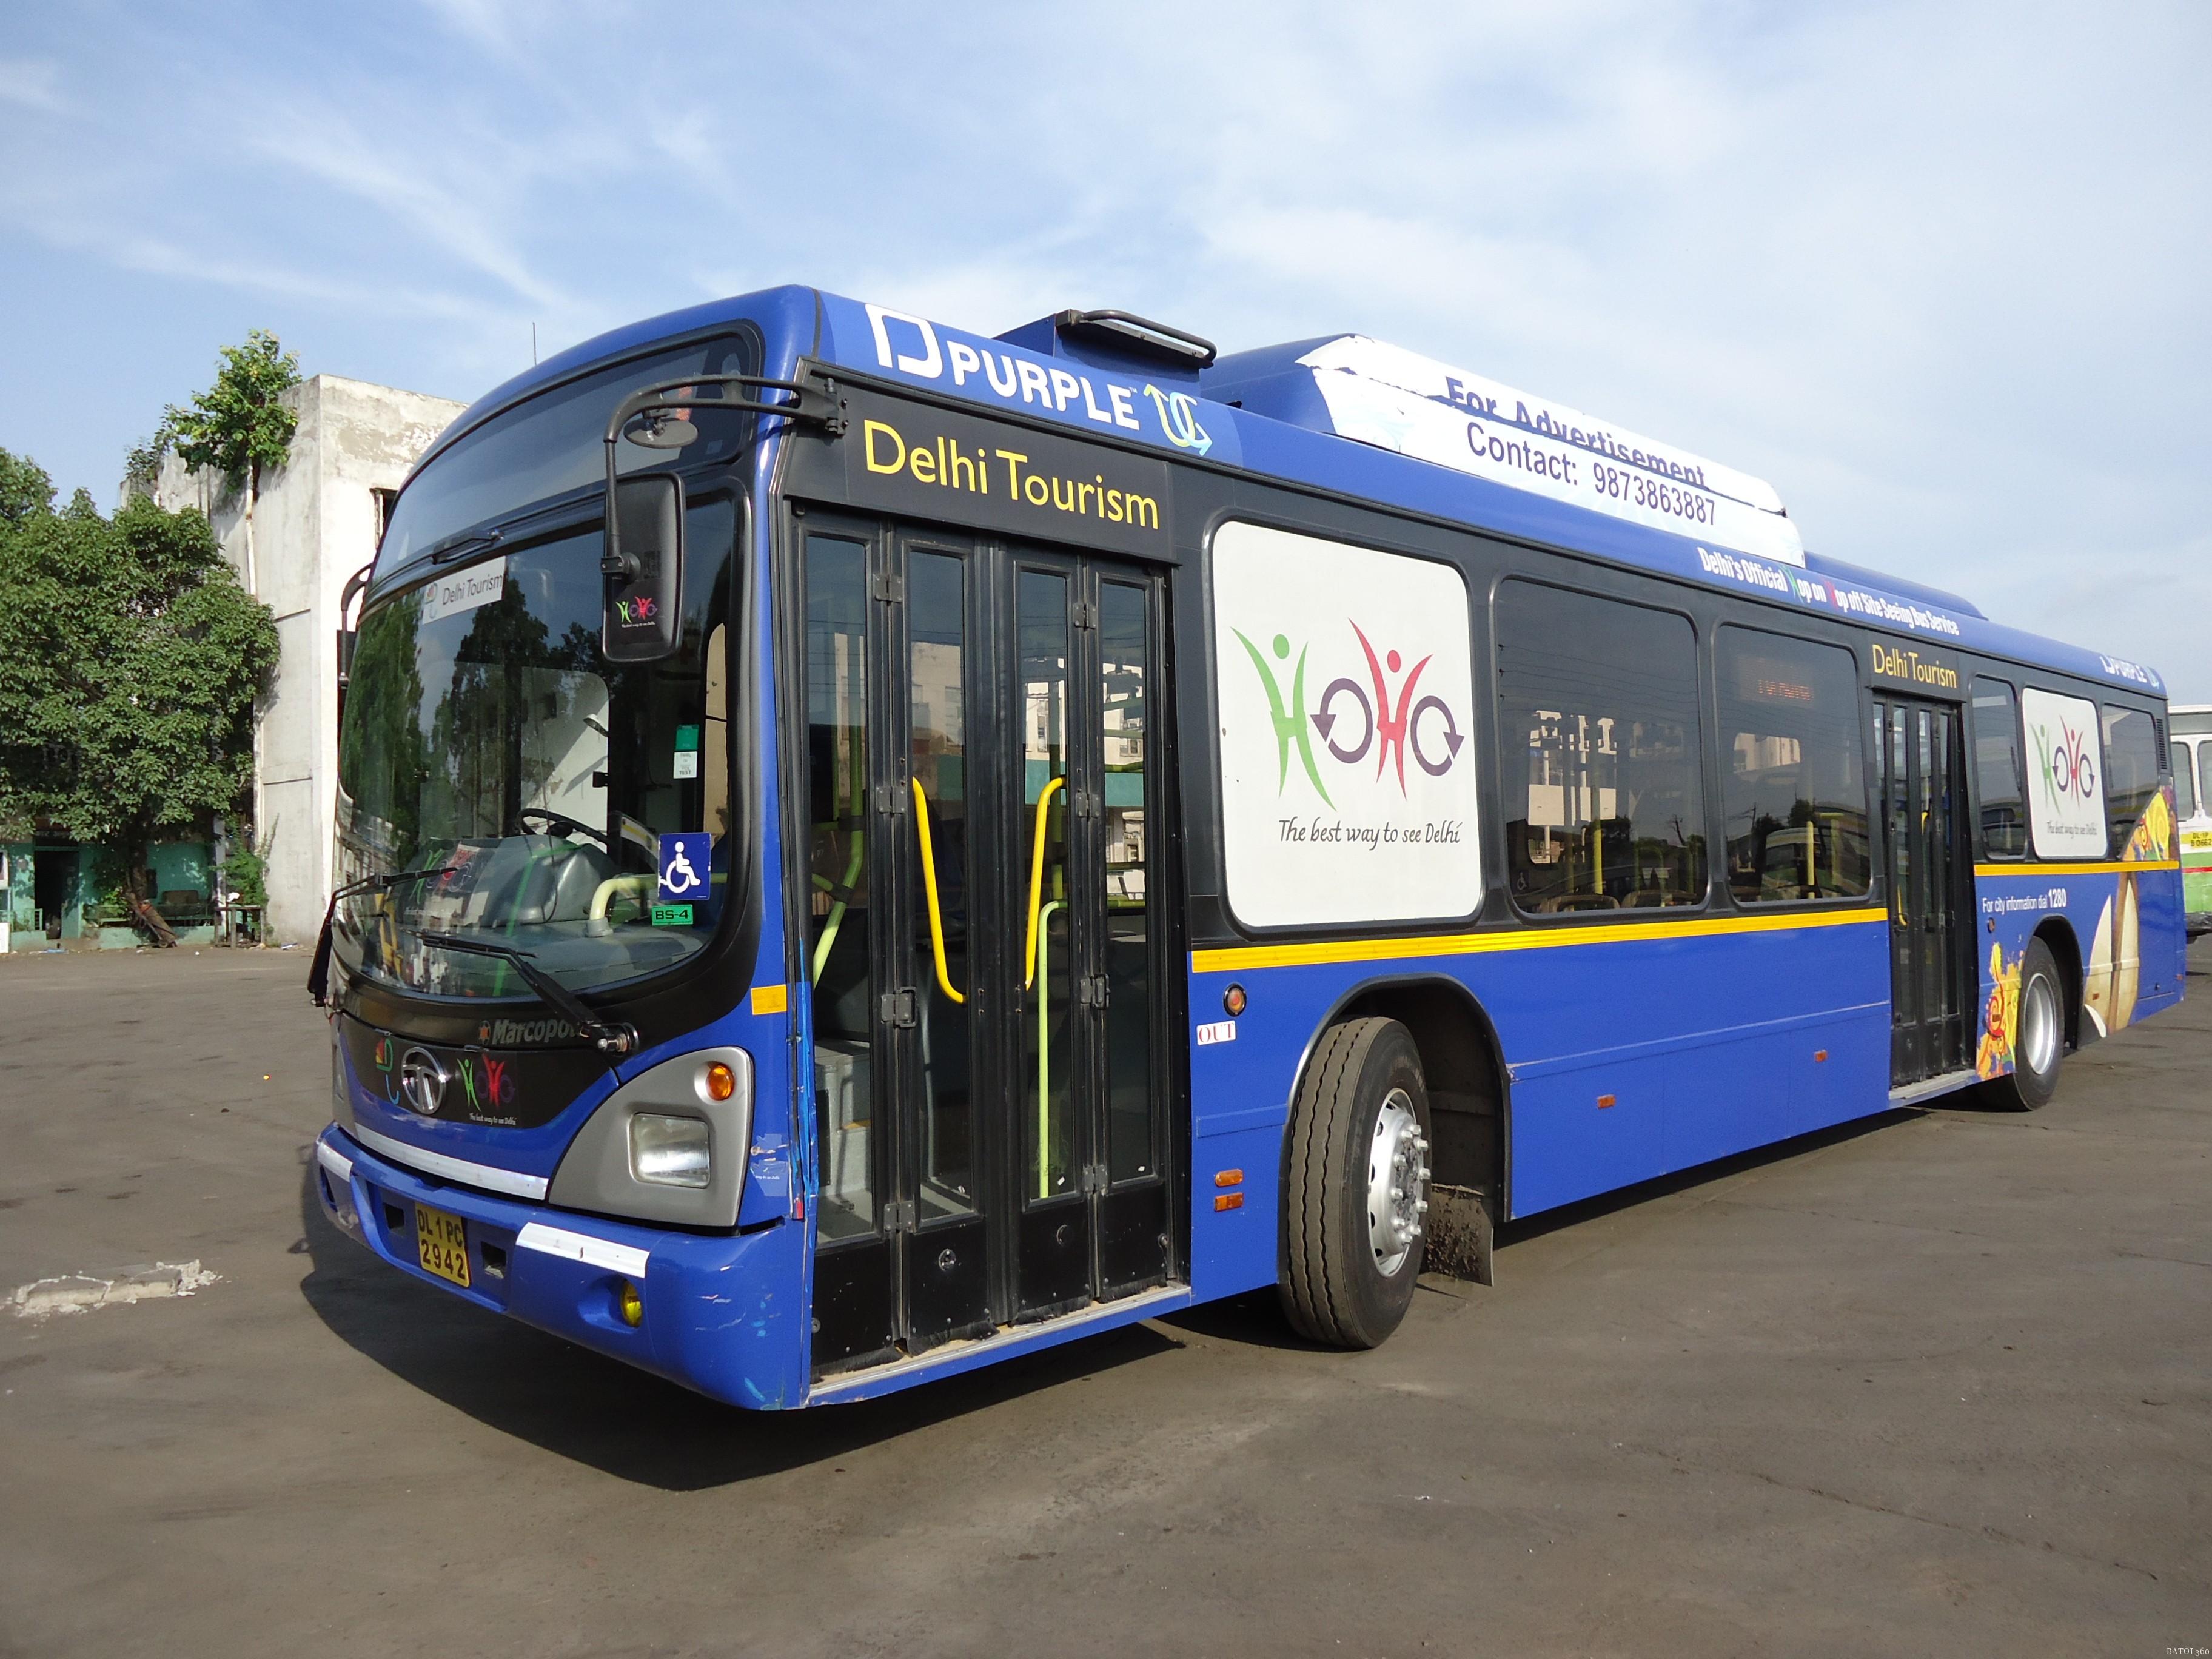 Blue touristic bus photo